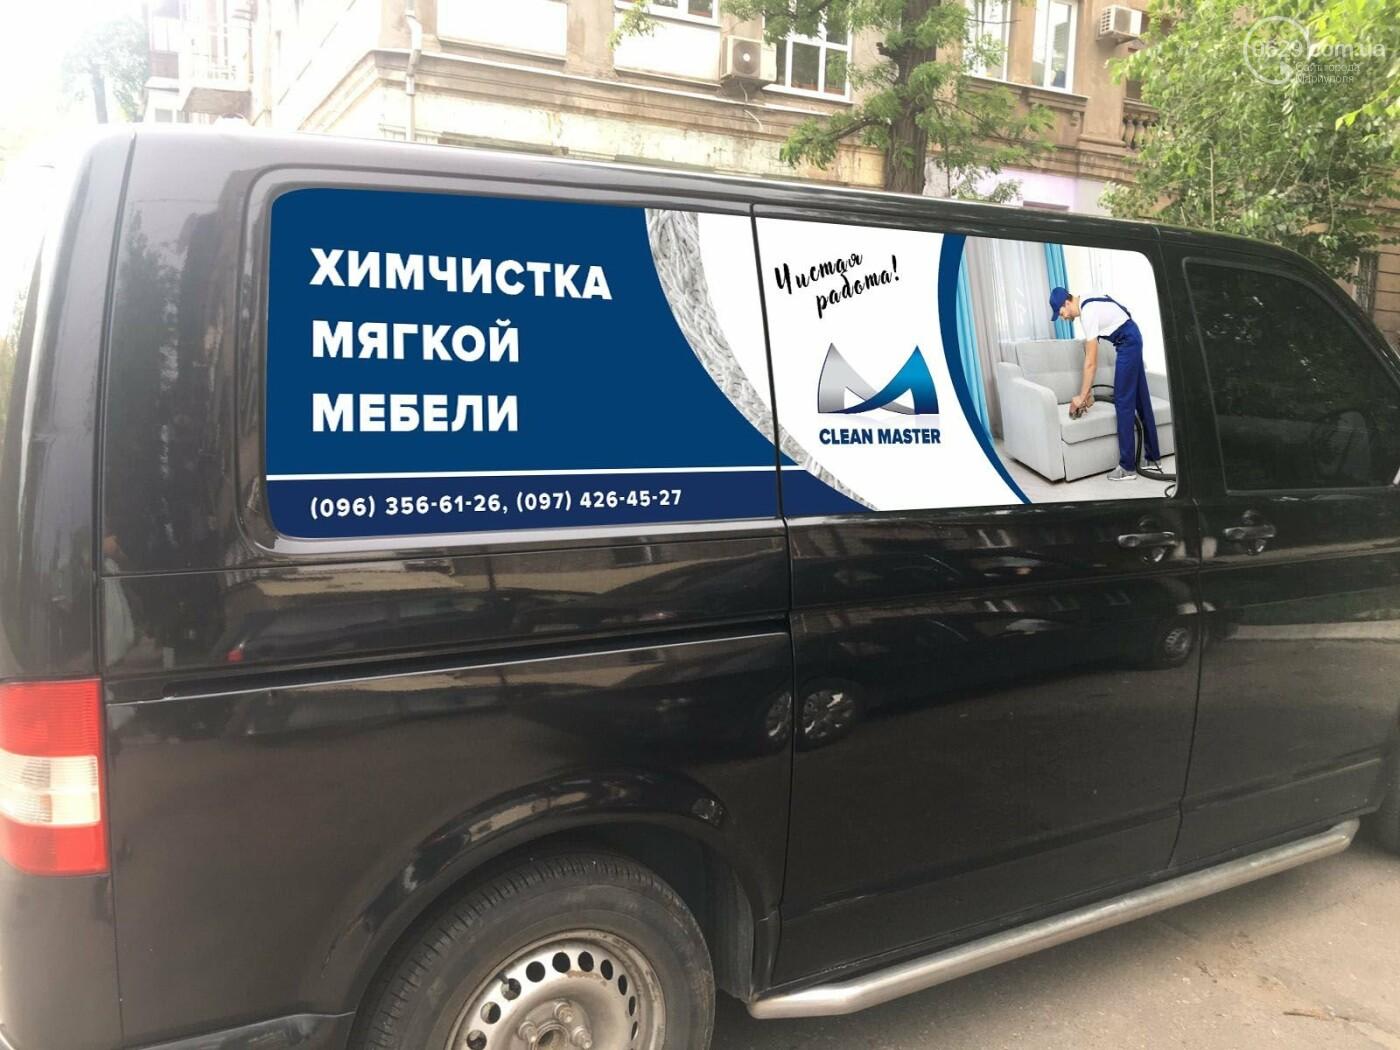 Химчистка ковров в Мариуполе в 8-этапов от Clean Master. Ваши ковры будут как новые!, фото-17